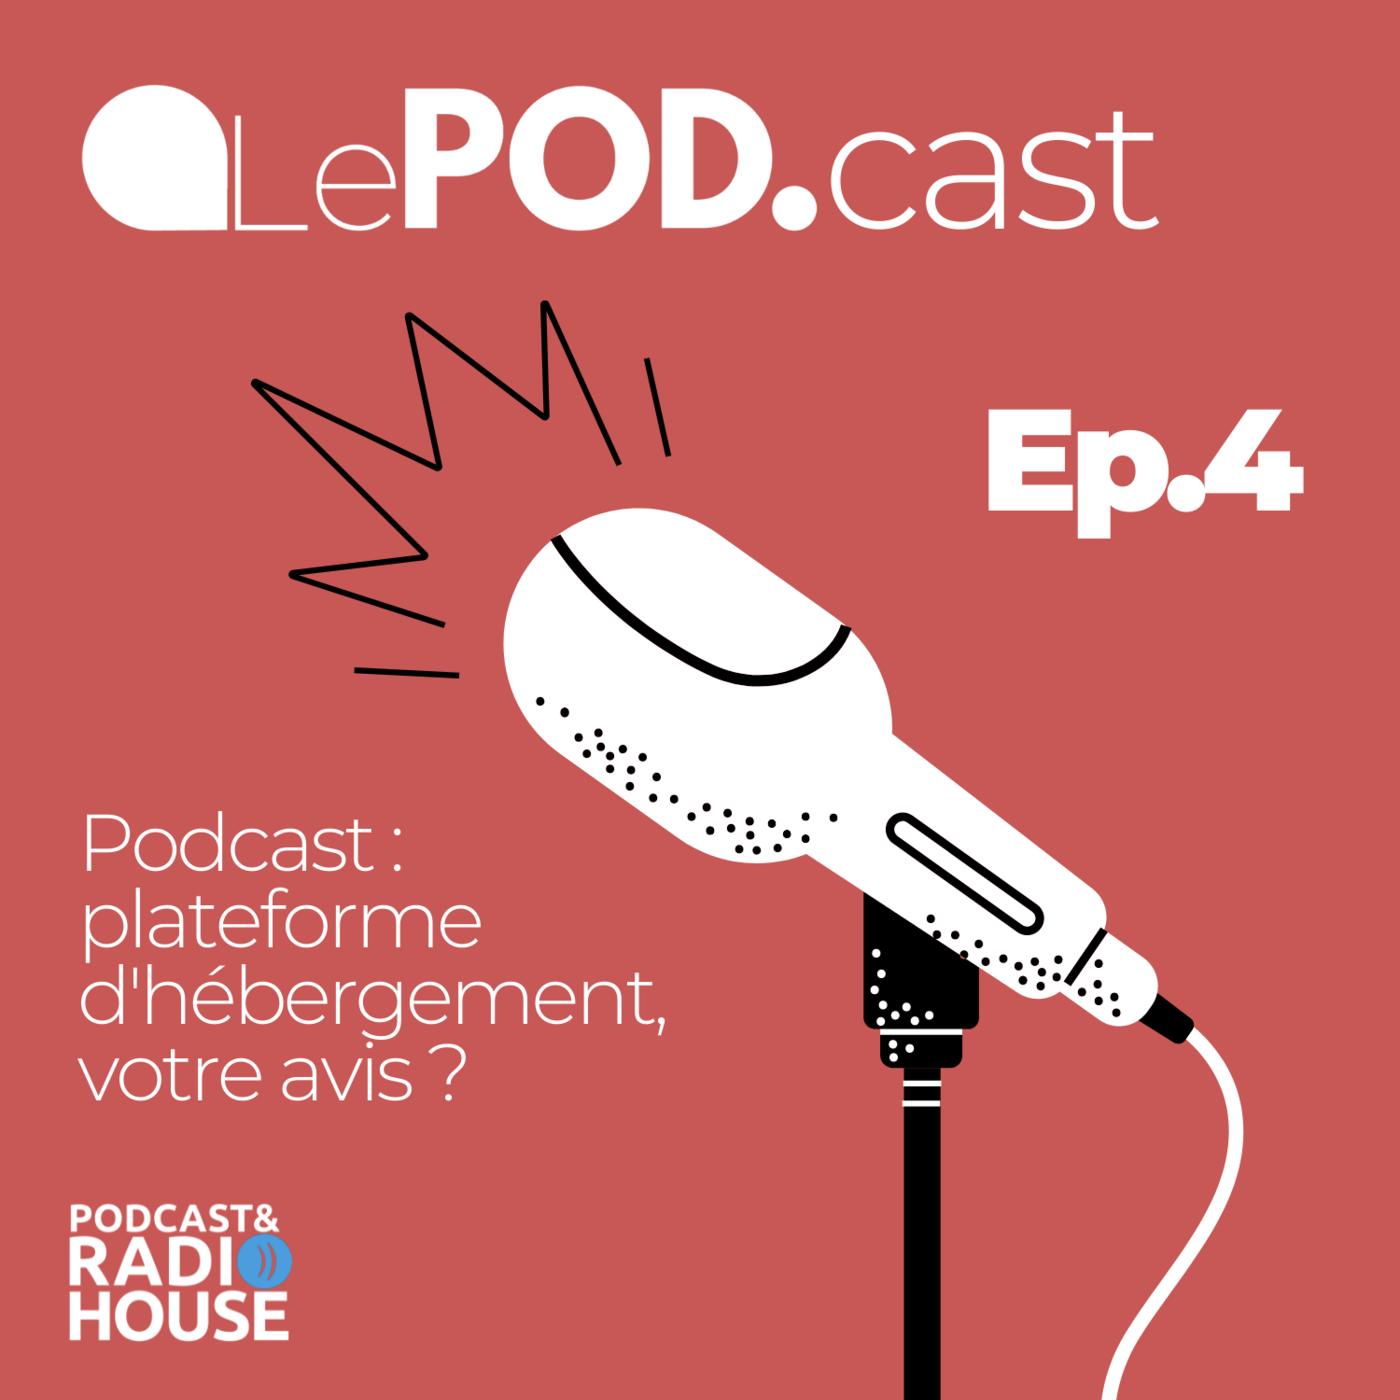 EP.4 - Podcast : plateforme d'hébergement, votre avis ? - Le POD.